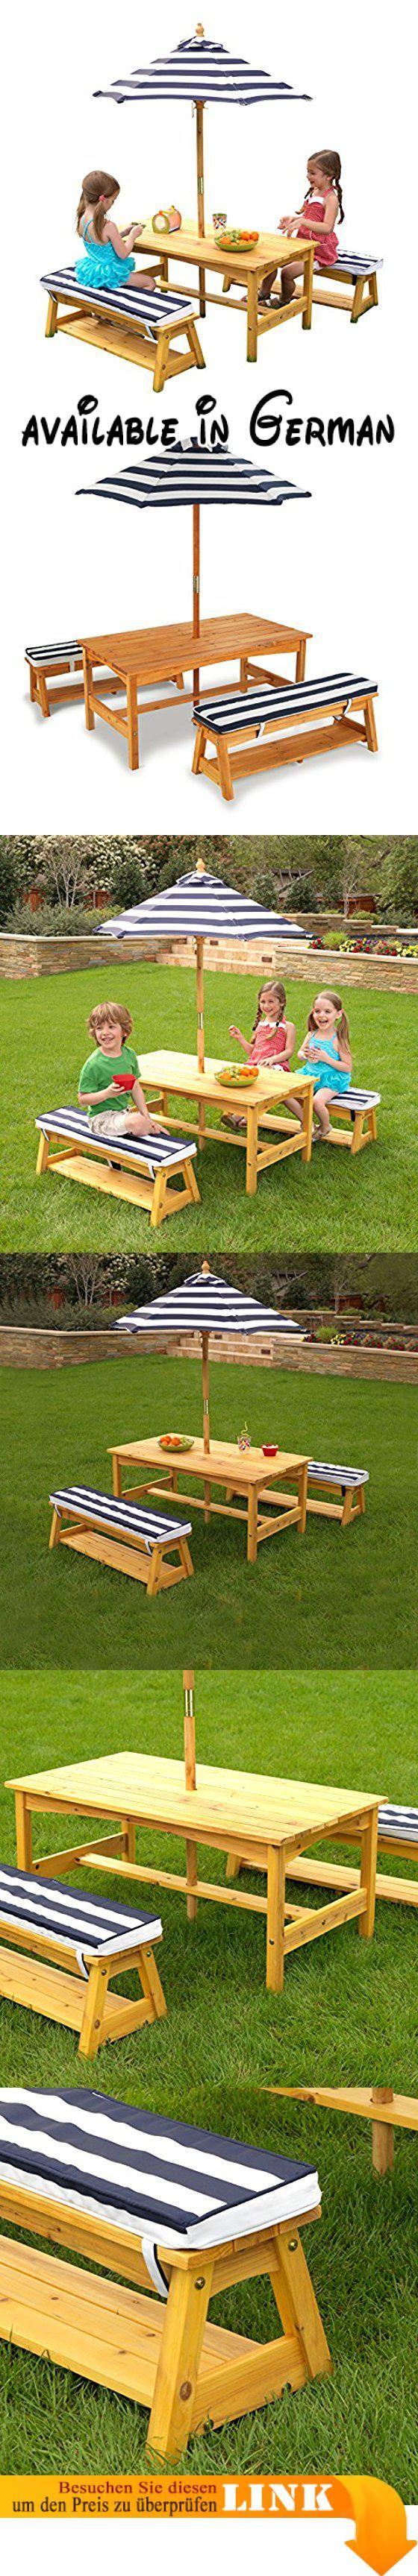 KidKraft - Gartentischset mit Bank, Kissen und Sonnenschirm – Marineblau-weiß gestreift. Zusammenfaltbarer Sonnenschirm. Robuster Tisch, Bänke und zwei Stühle. Kürzere Aufbauzeit dank vormontierter Elemente. Ideal auf heranwachsende Kinder abgestimmt. Hergestellt aus witterungsbeständigem Holz #Toy #TOYS_AND_GAMES